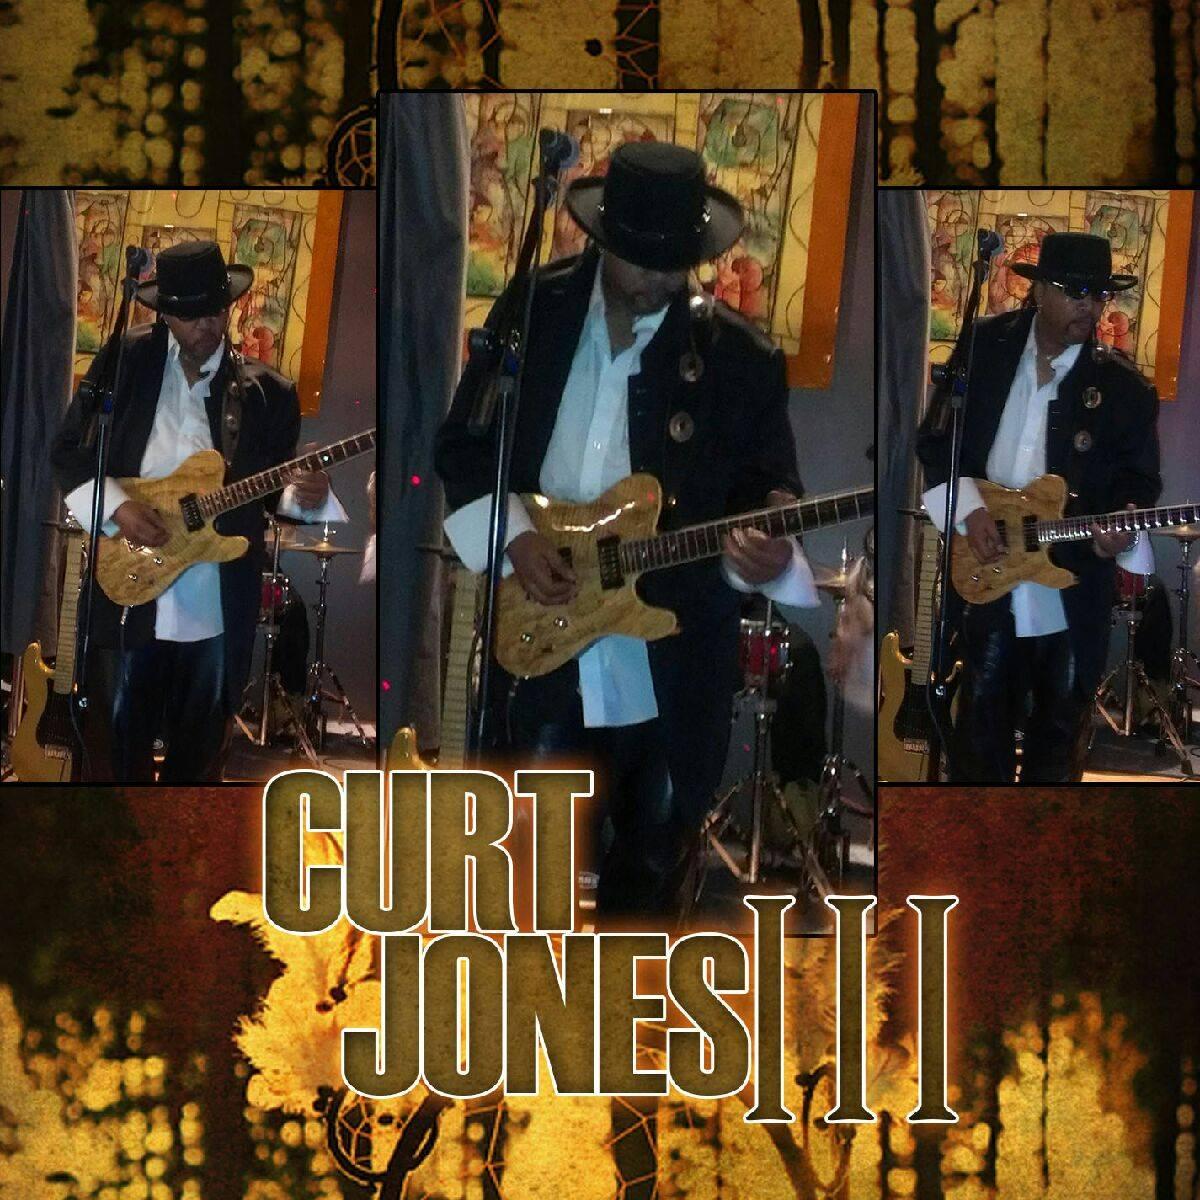 Curt Jones III